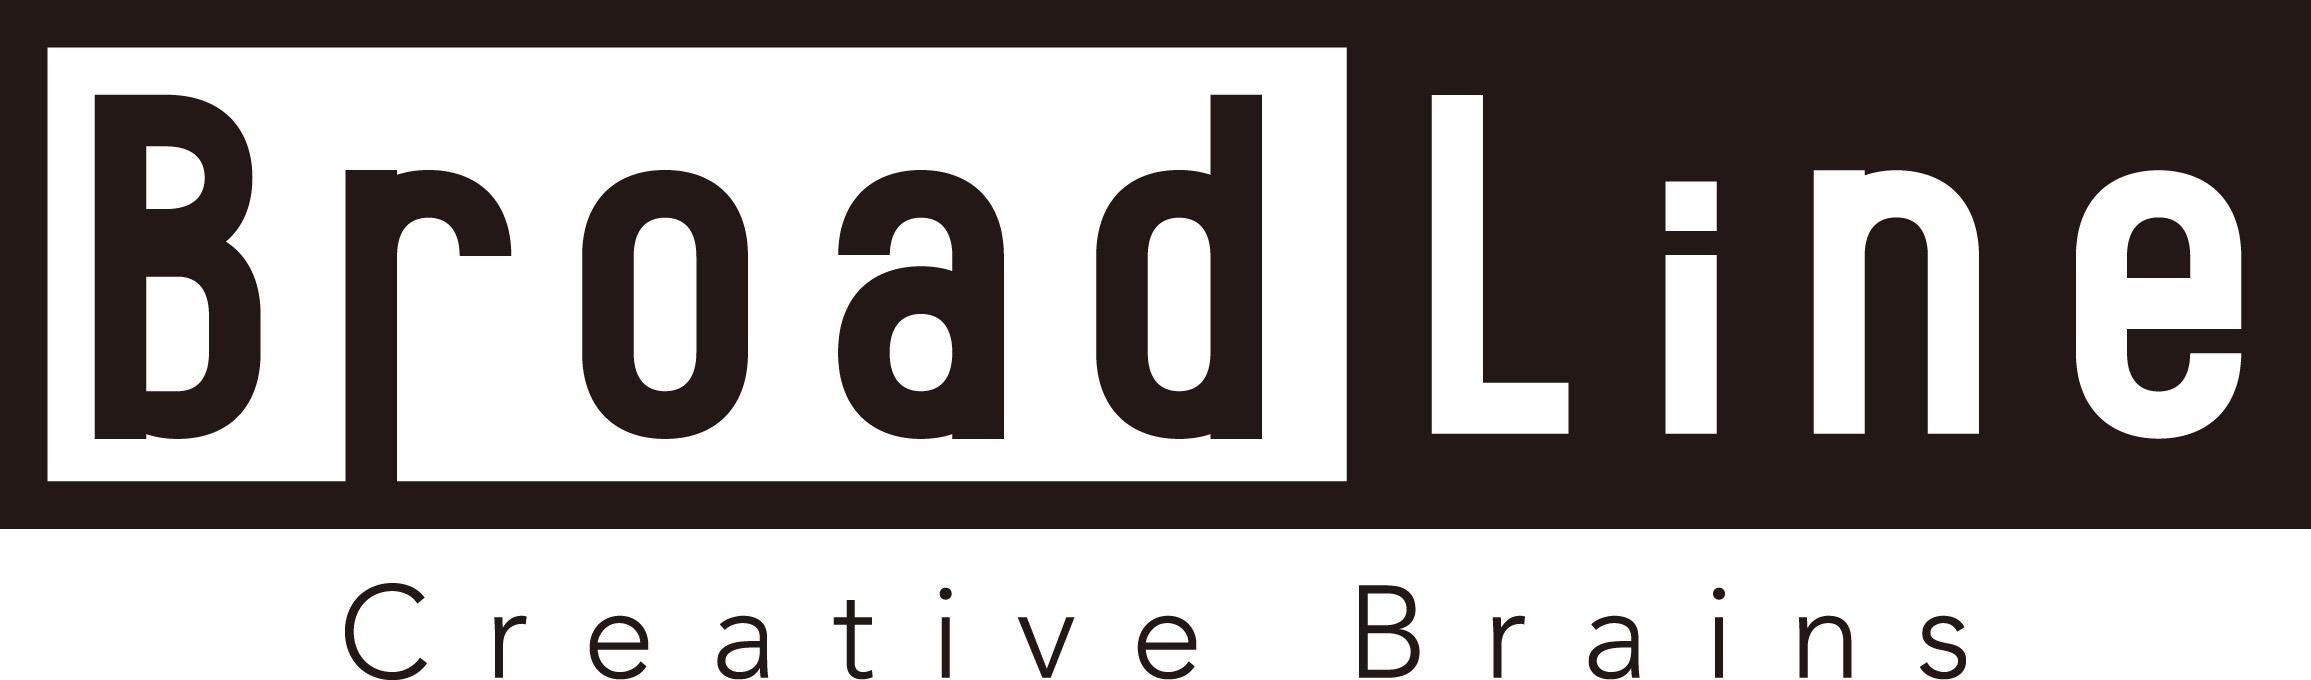 BroadLine株式会社